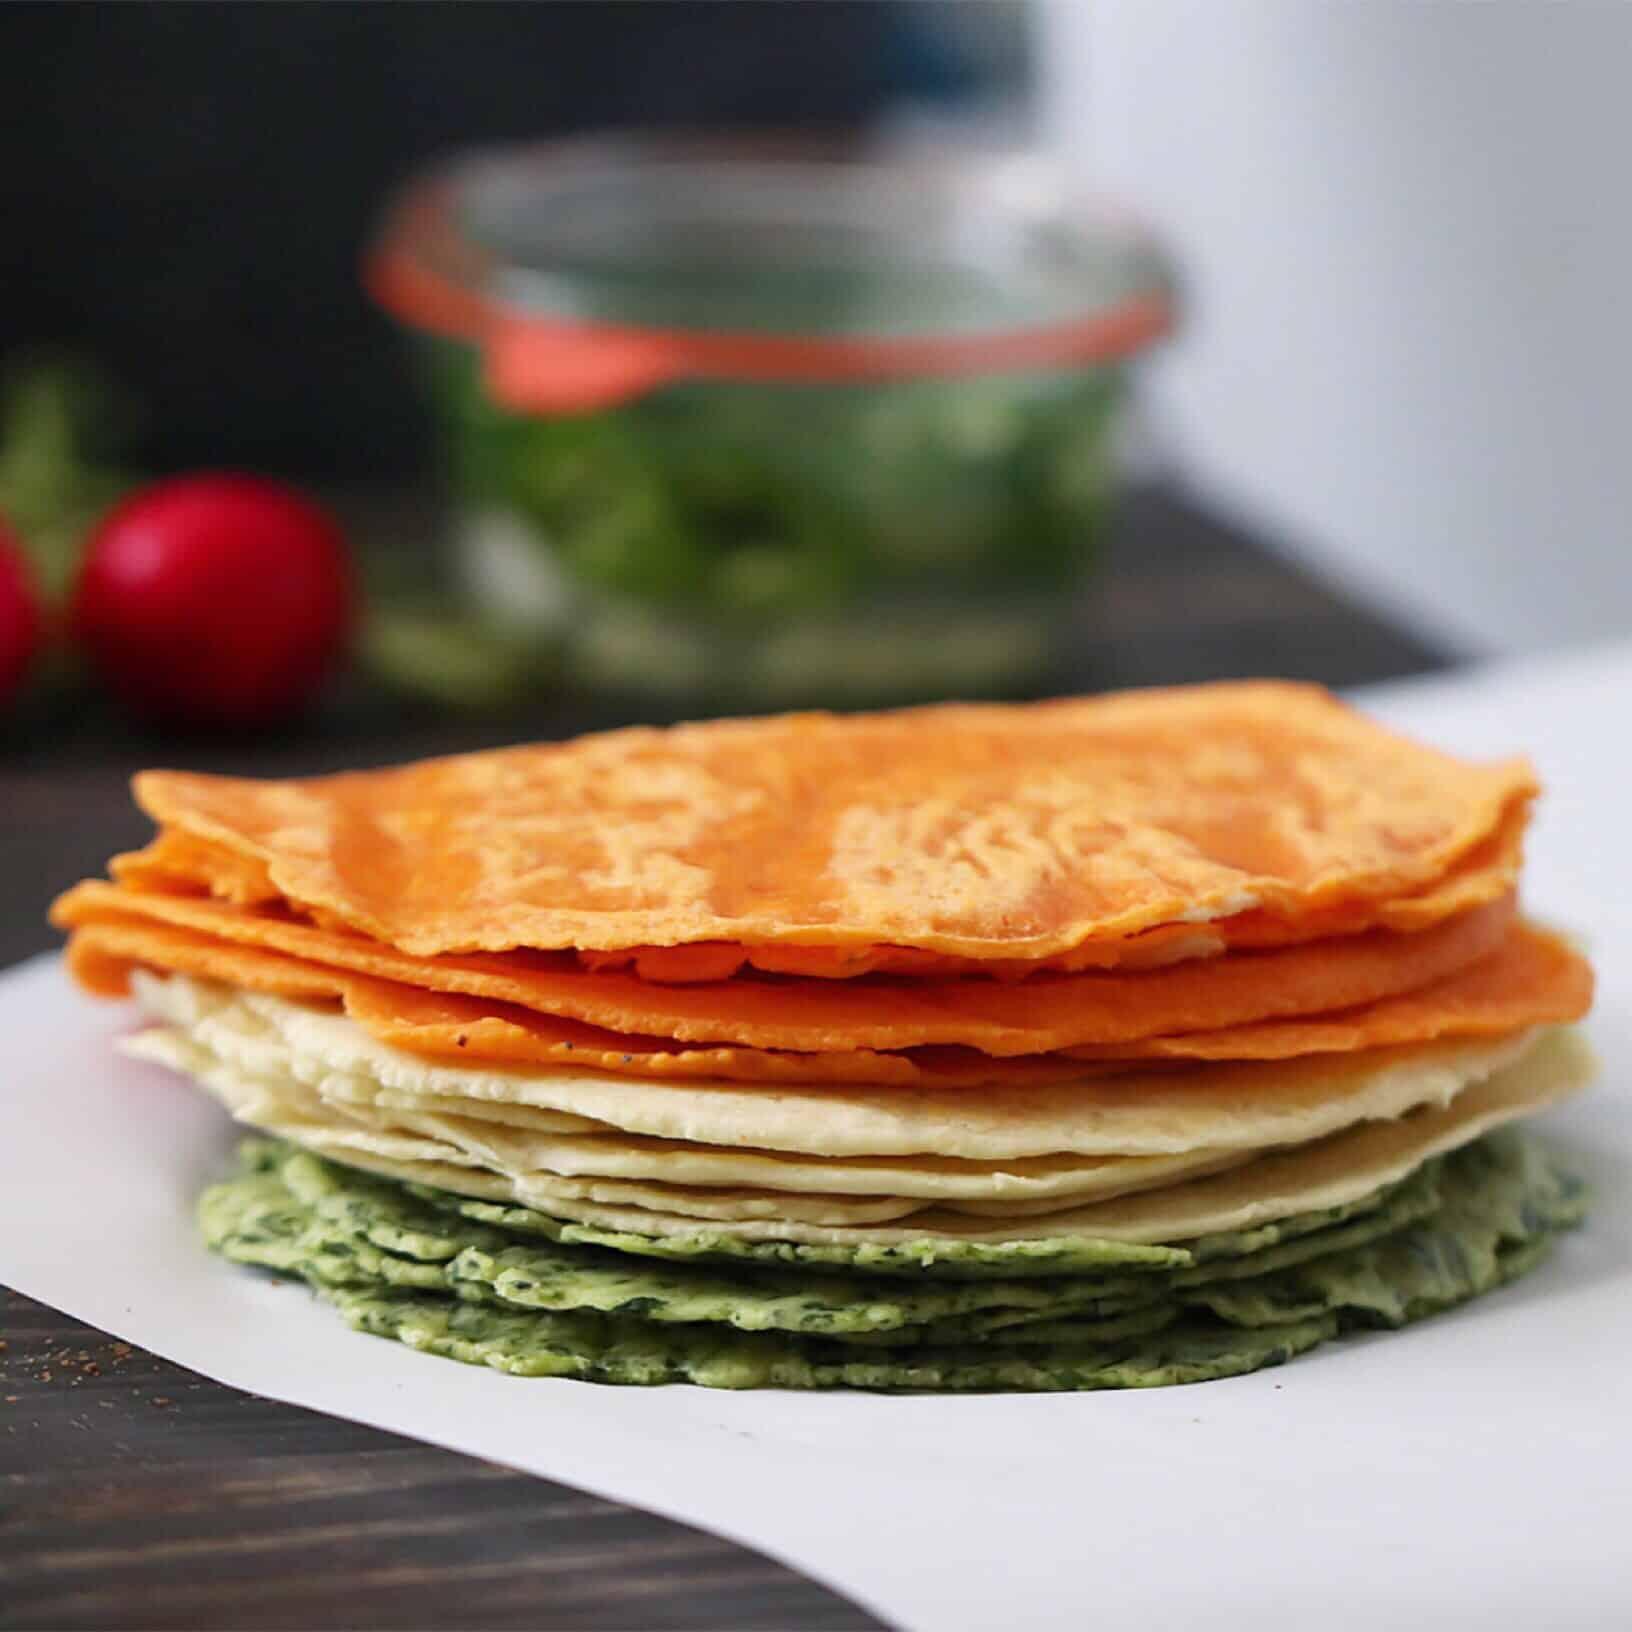 Tortilla close